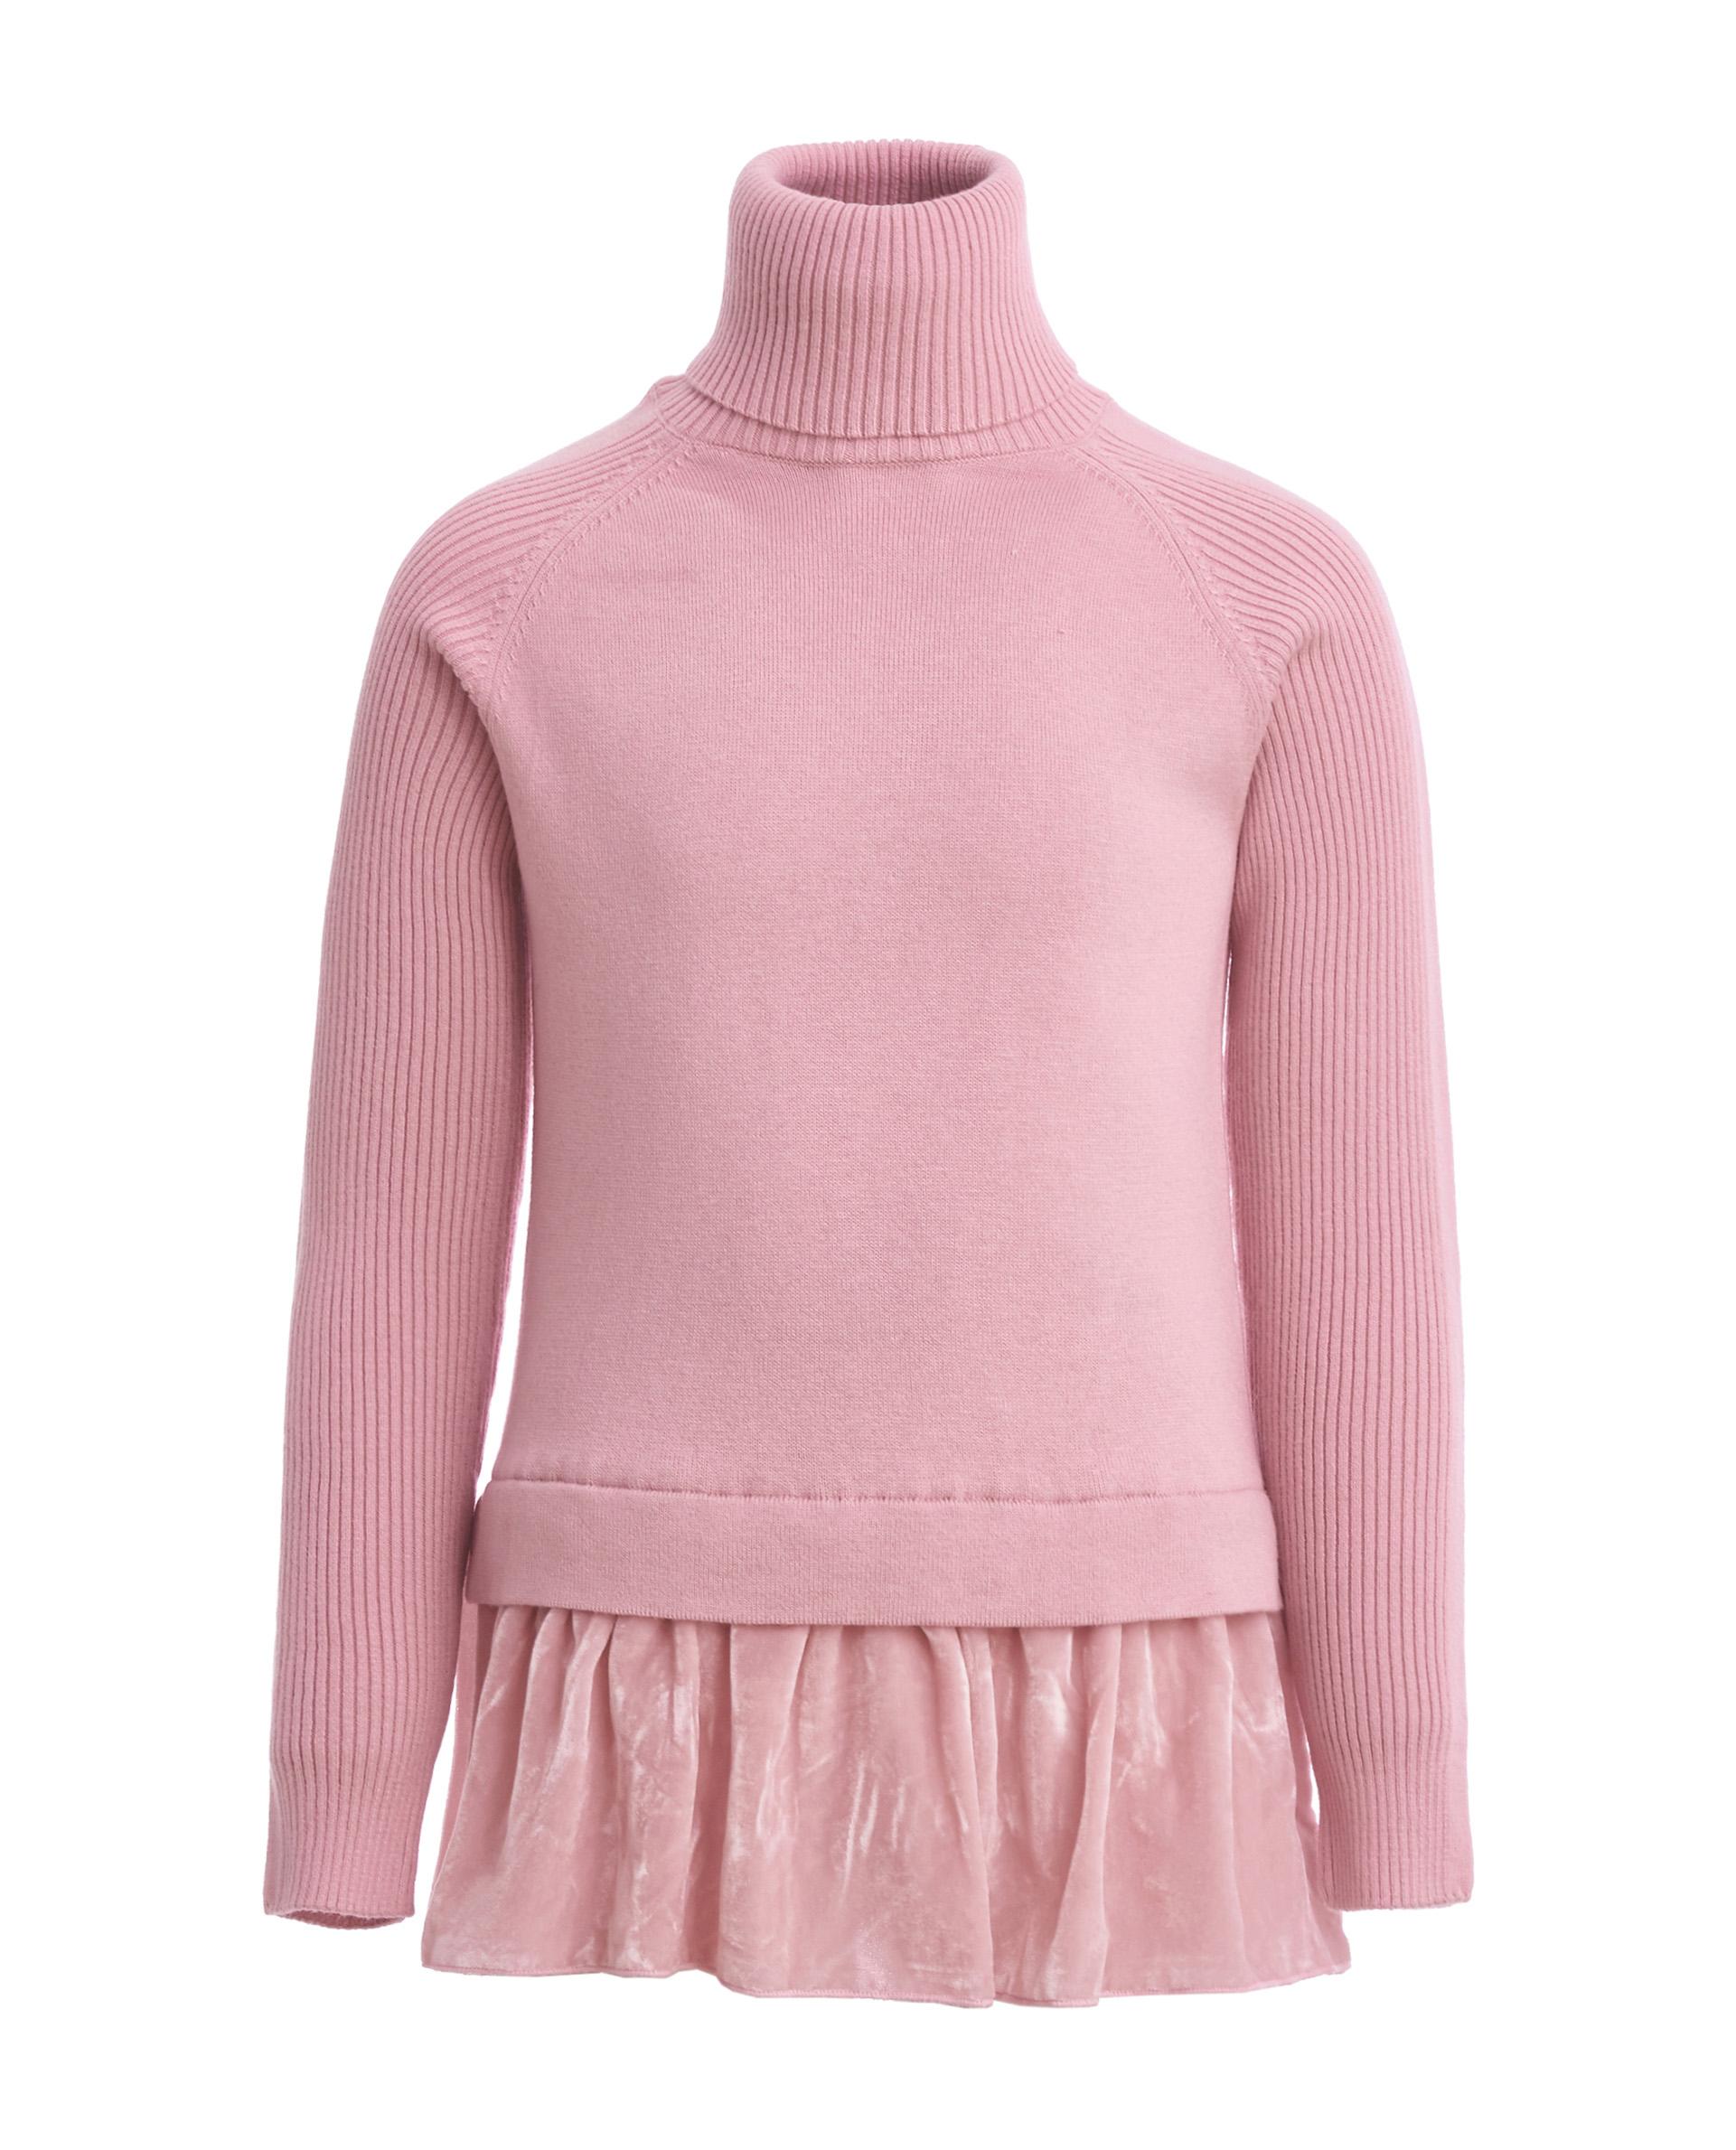 Купить 21907GJC3201, Розовая водолазка Gulliver, розовый, 164, Женский, ОСЕНЬ/ЗИМА 2019-2020 (shop: GulliverMarket Gulliver Market)